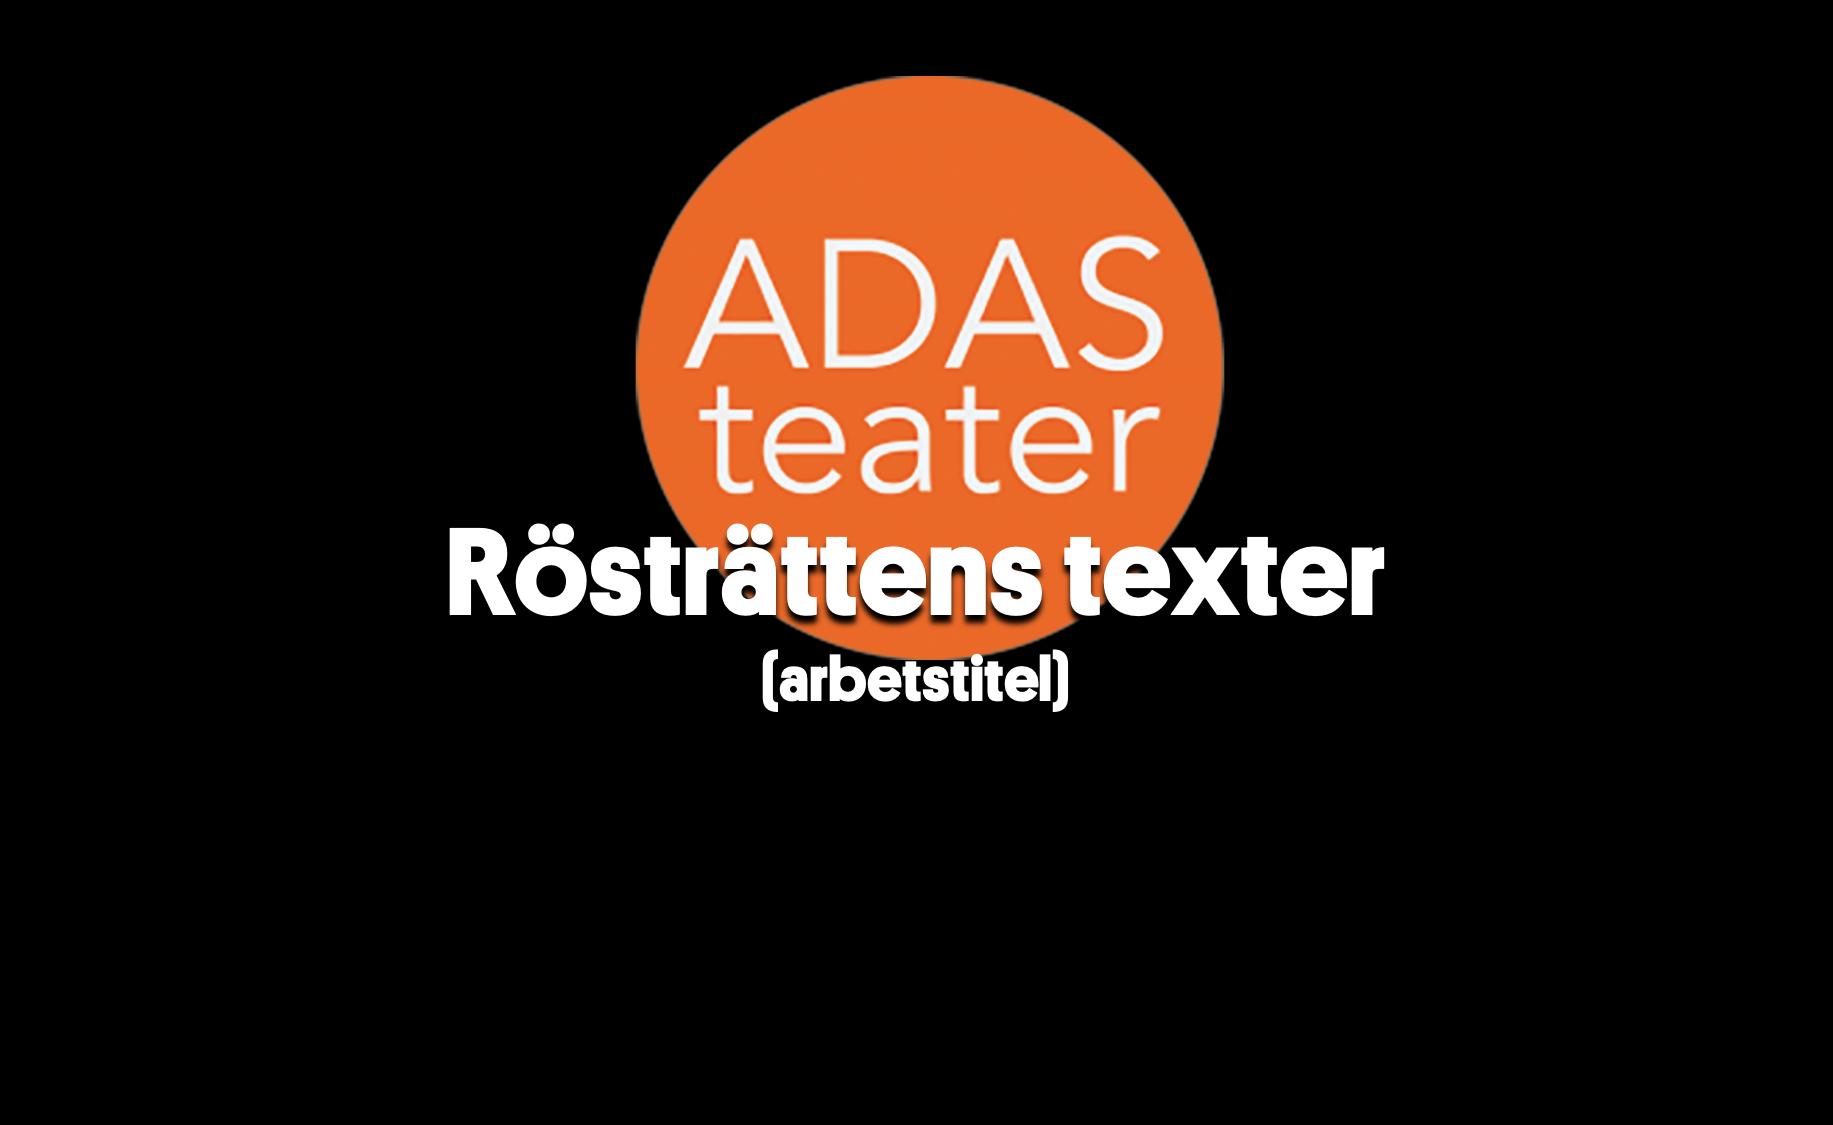 Länk till utdrag på Vimeo med Adas teater